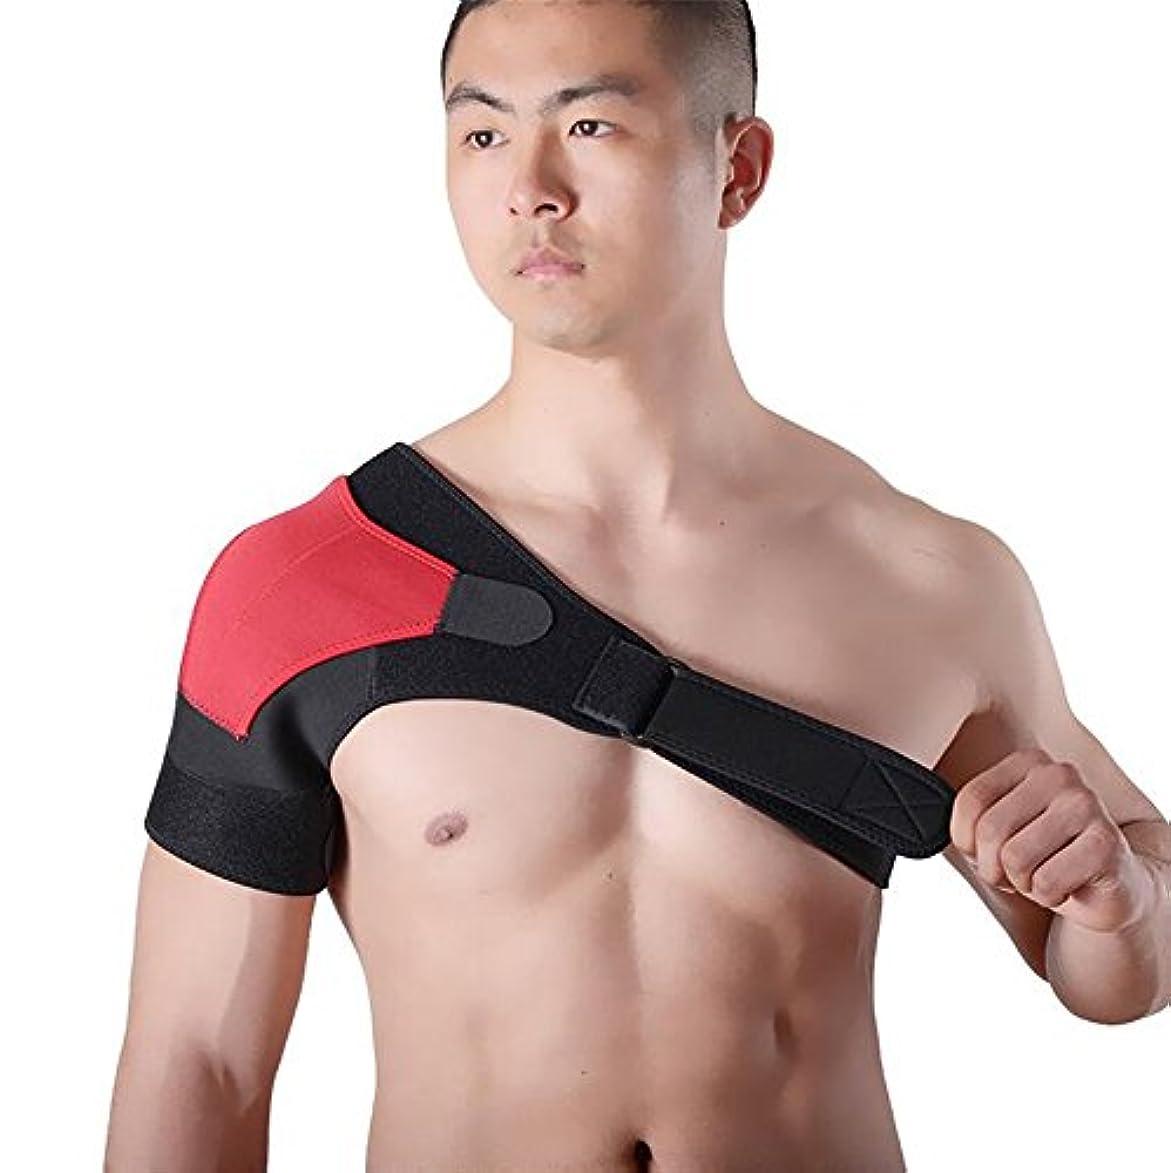 強います気分が良いモザイクZSZBACE 肩サポーター 右肩 左肩 肩 肩固定 けが 防止 マジック テープ式 男女兼用 簡単装着 (左肩用, レッド)